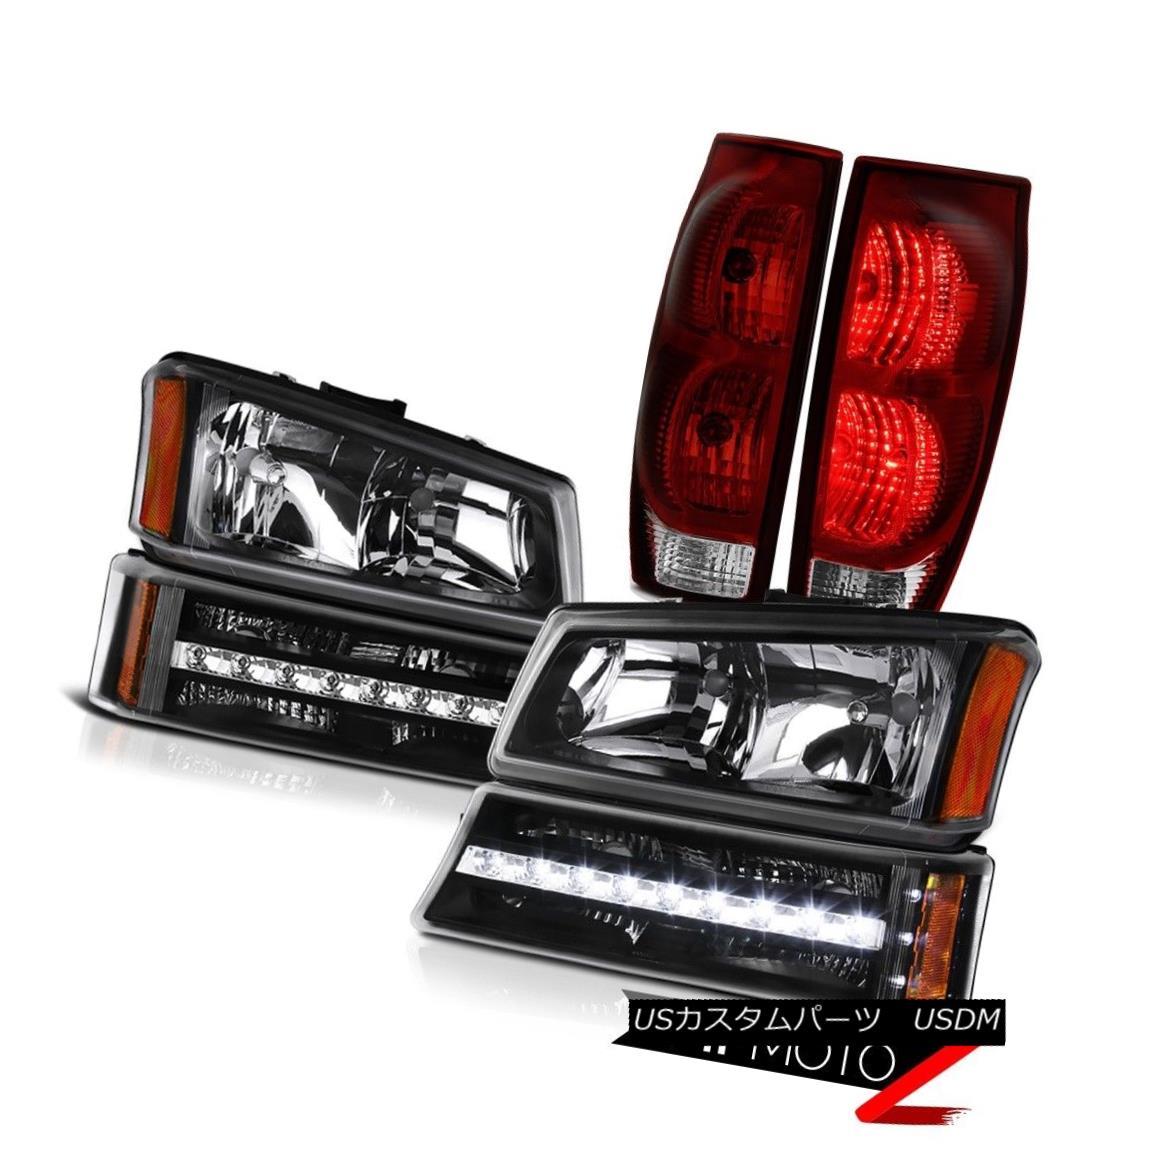 テールライト 03-06 Chevy Avalanche Taillights Raven Black Parking Light Headlamps LED 03-06シボレーアバランシェテールライトレーブンブラックパーキングライトヘッドランプLED